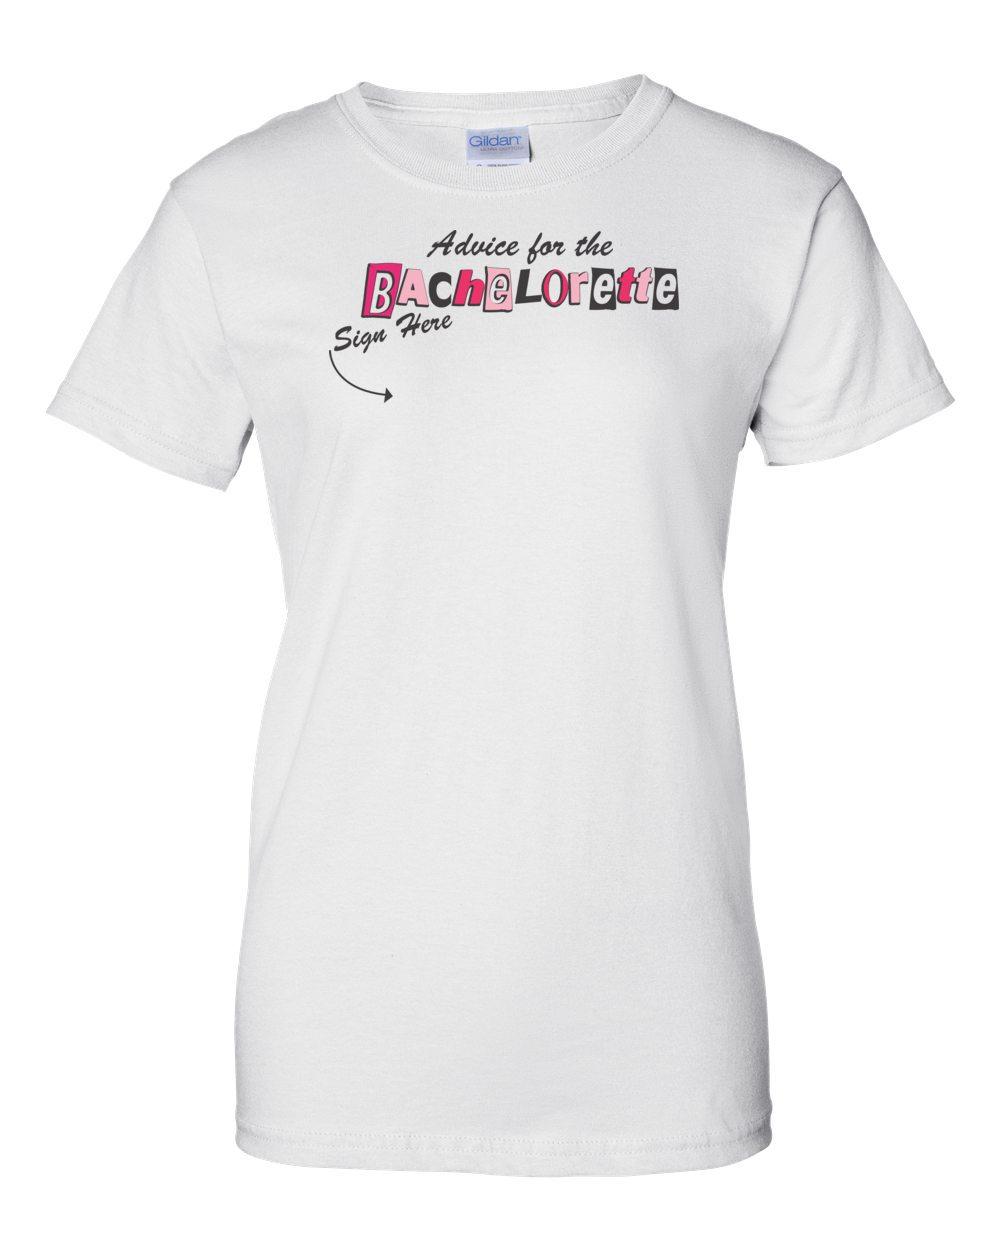 95d21c8ffe0cc Advice For The Bachelorette T-shirt